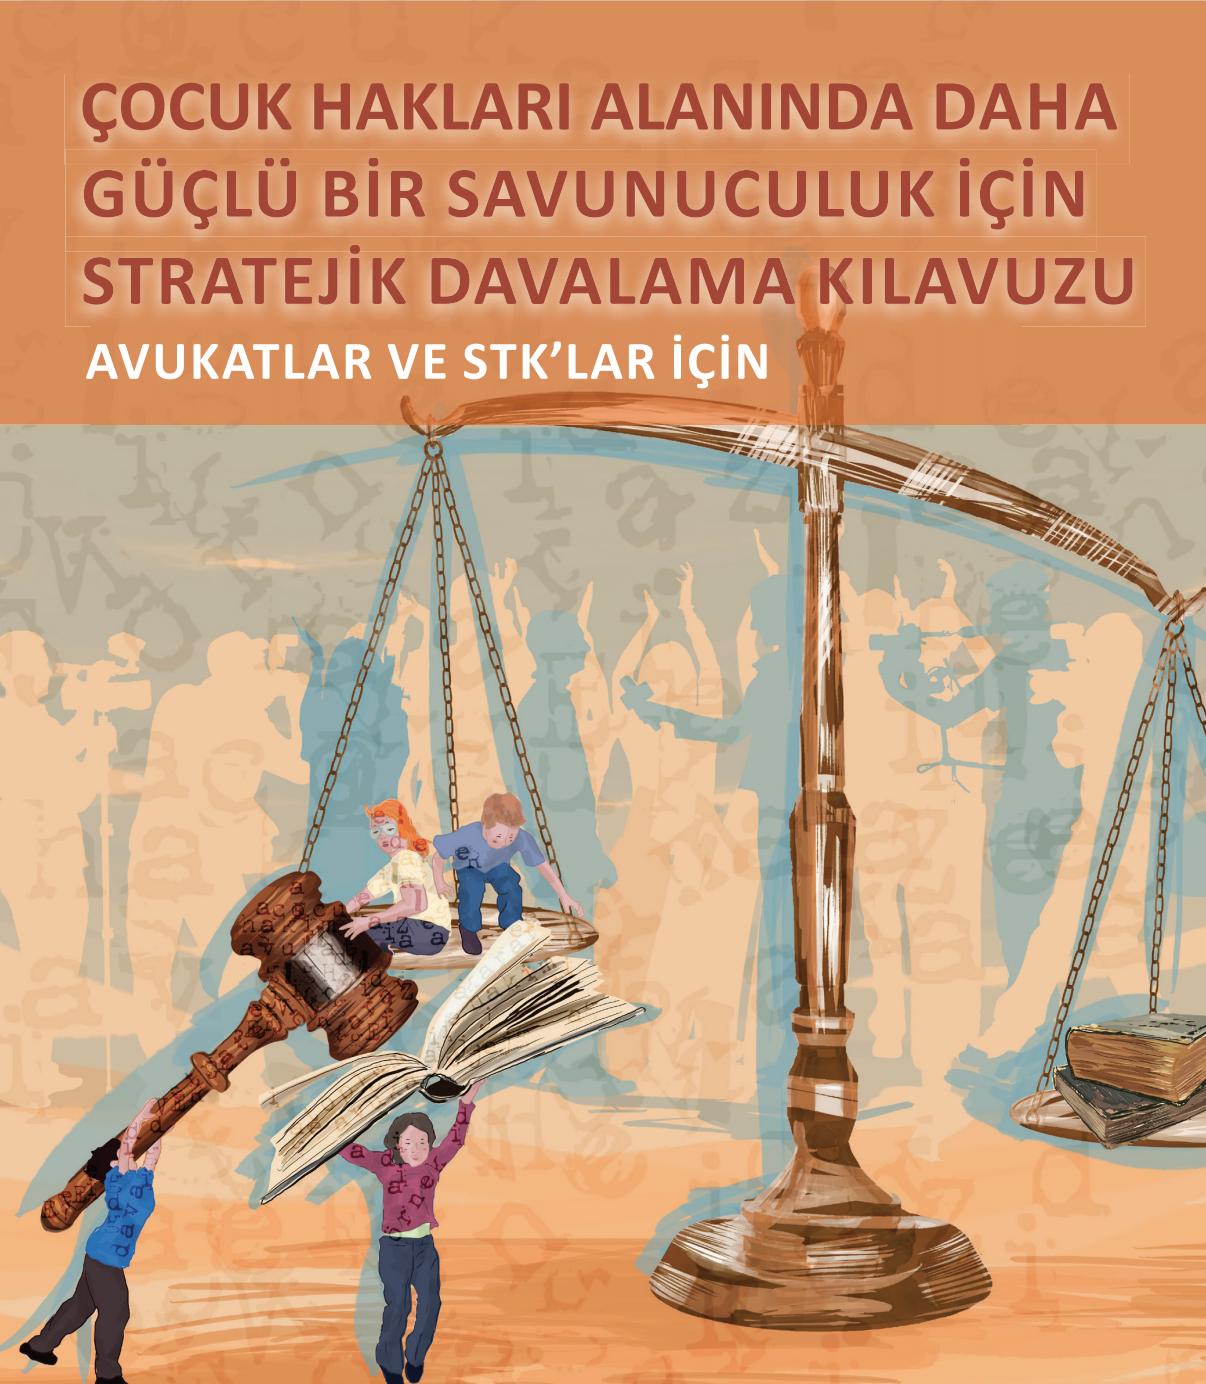 Çocuk Hakları Alanında Daha Güçlü Bir Savunuculuk İçin Stratejik Davalama Kılavuzu